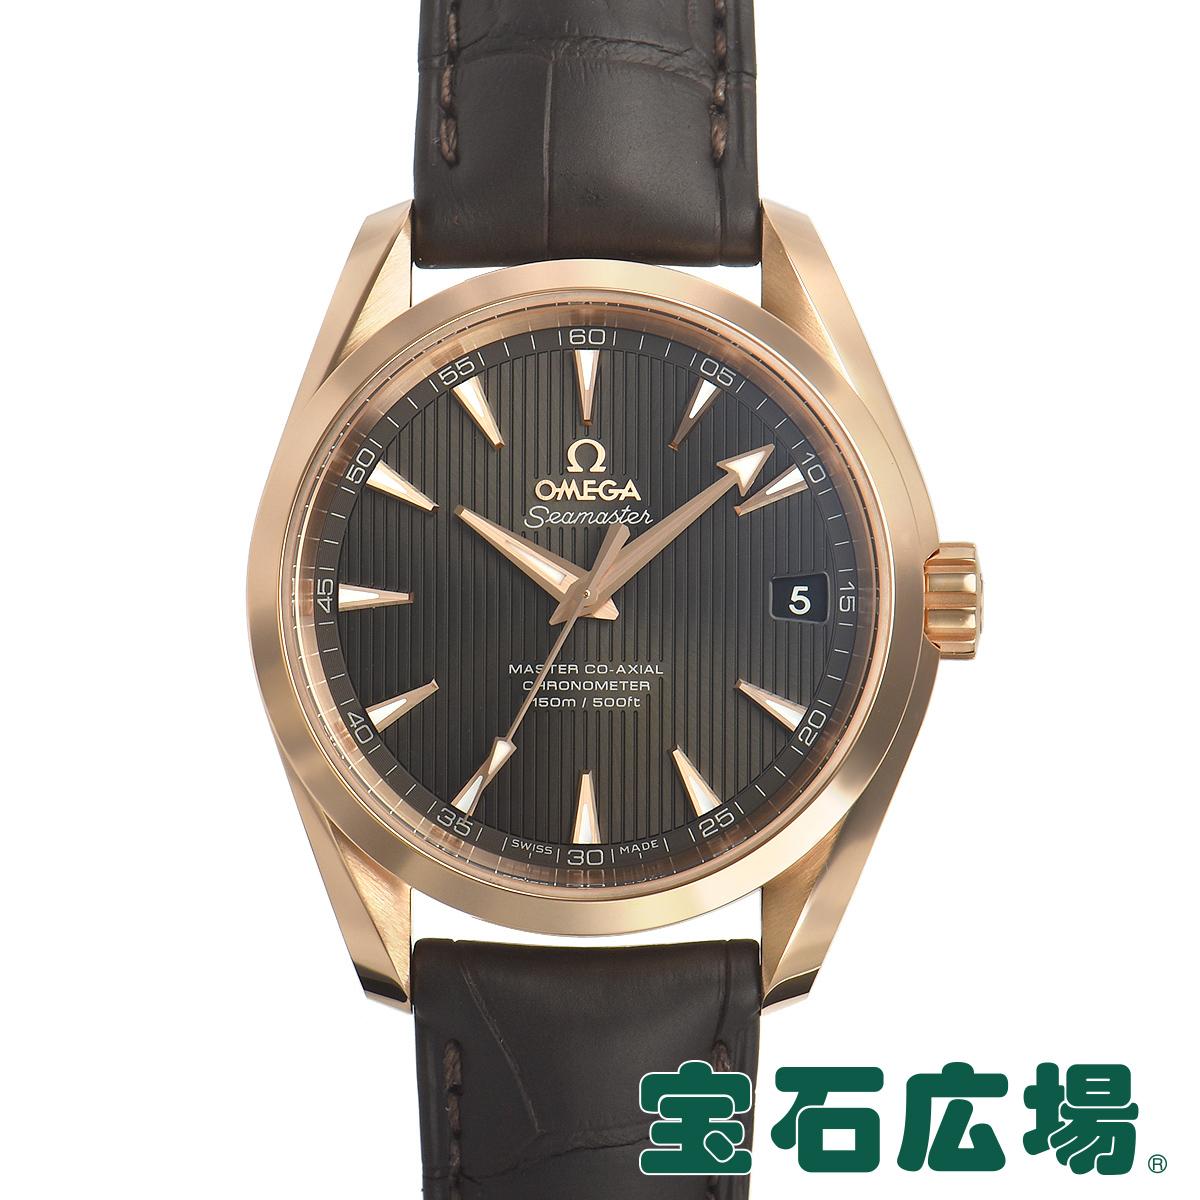 オメガ OMEGA シーマスター コーアクシャル アクアテラ 231.53.39.21.06.003【新品】メンズ 腕時計 送料無料